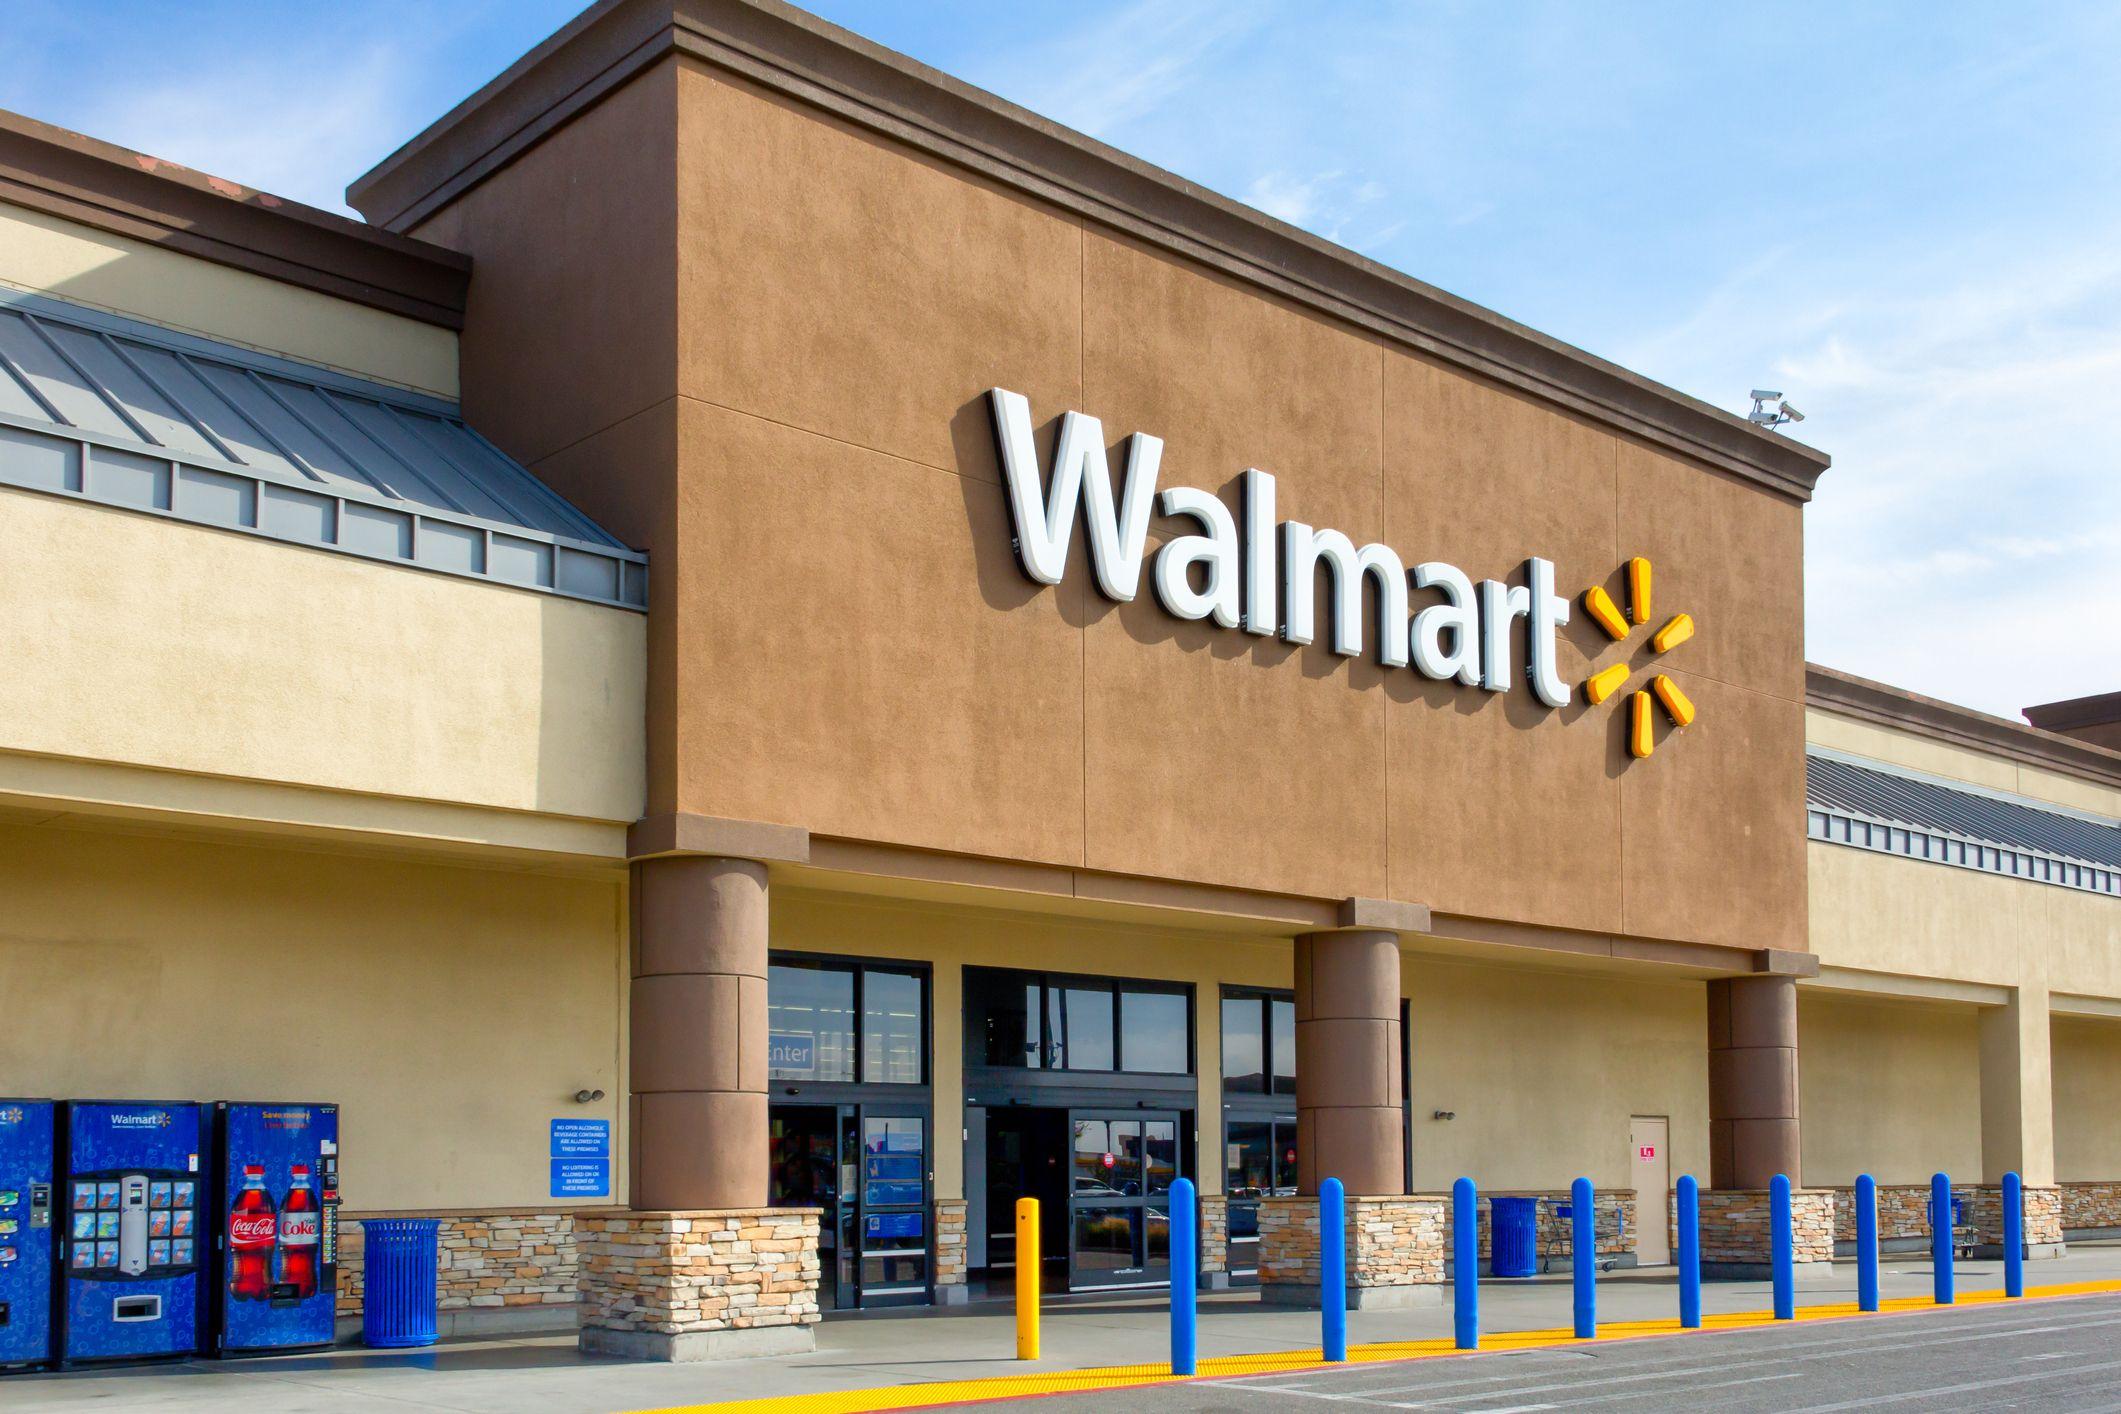 Walmart chce dostarczać zamówienia z supermarketów do punktów odbiorów poprzez autonomiczne ciężarówki (fot. Walmart)